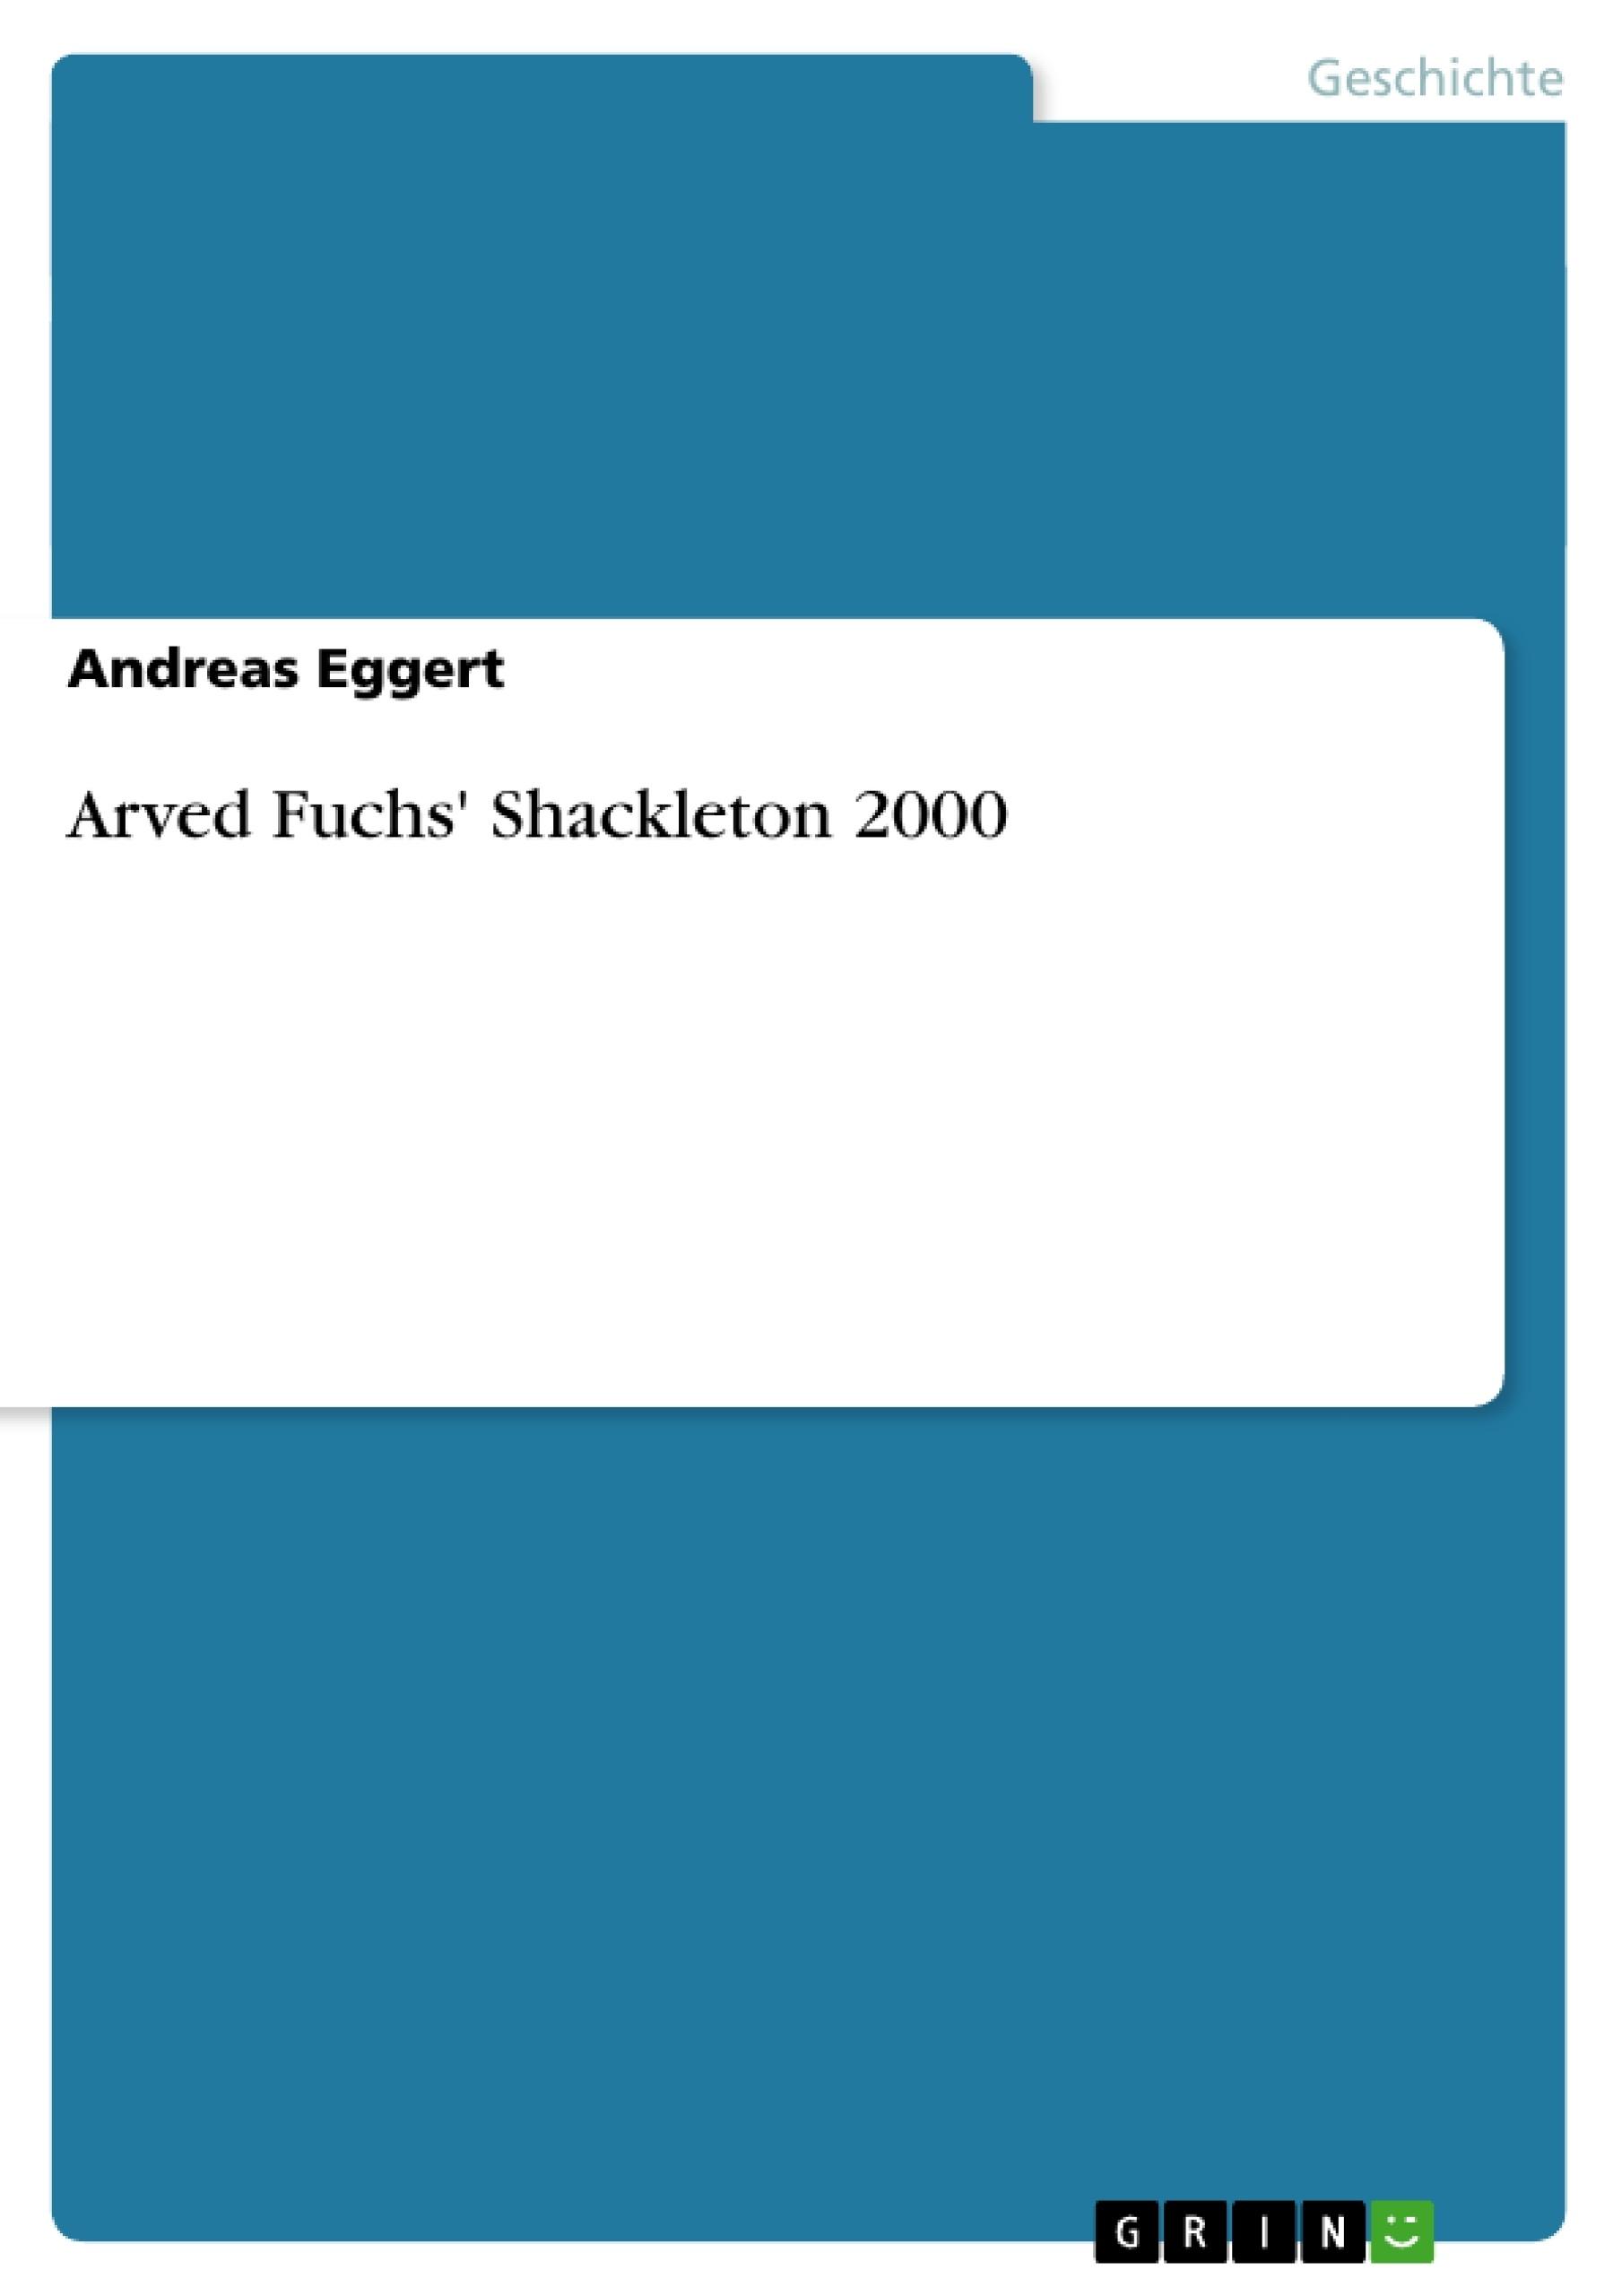 Titel: Arved Fuchs' Shackleton 2000